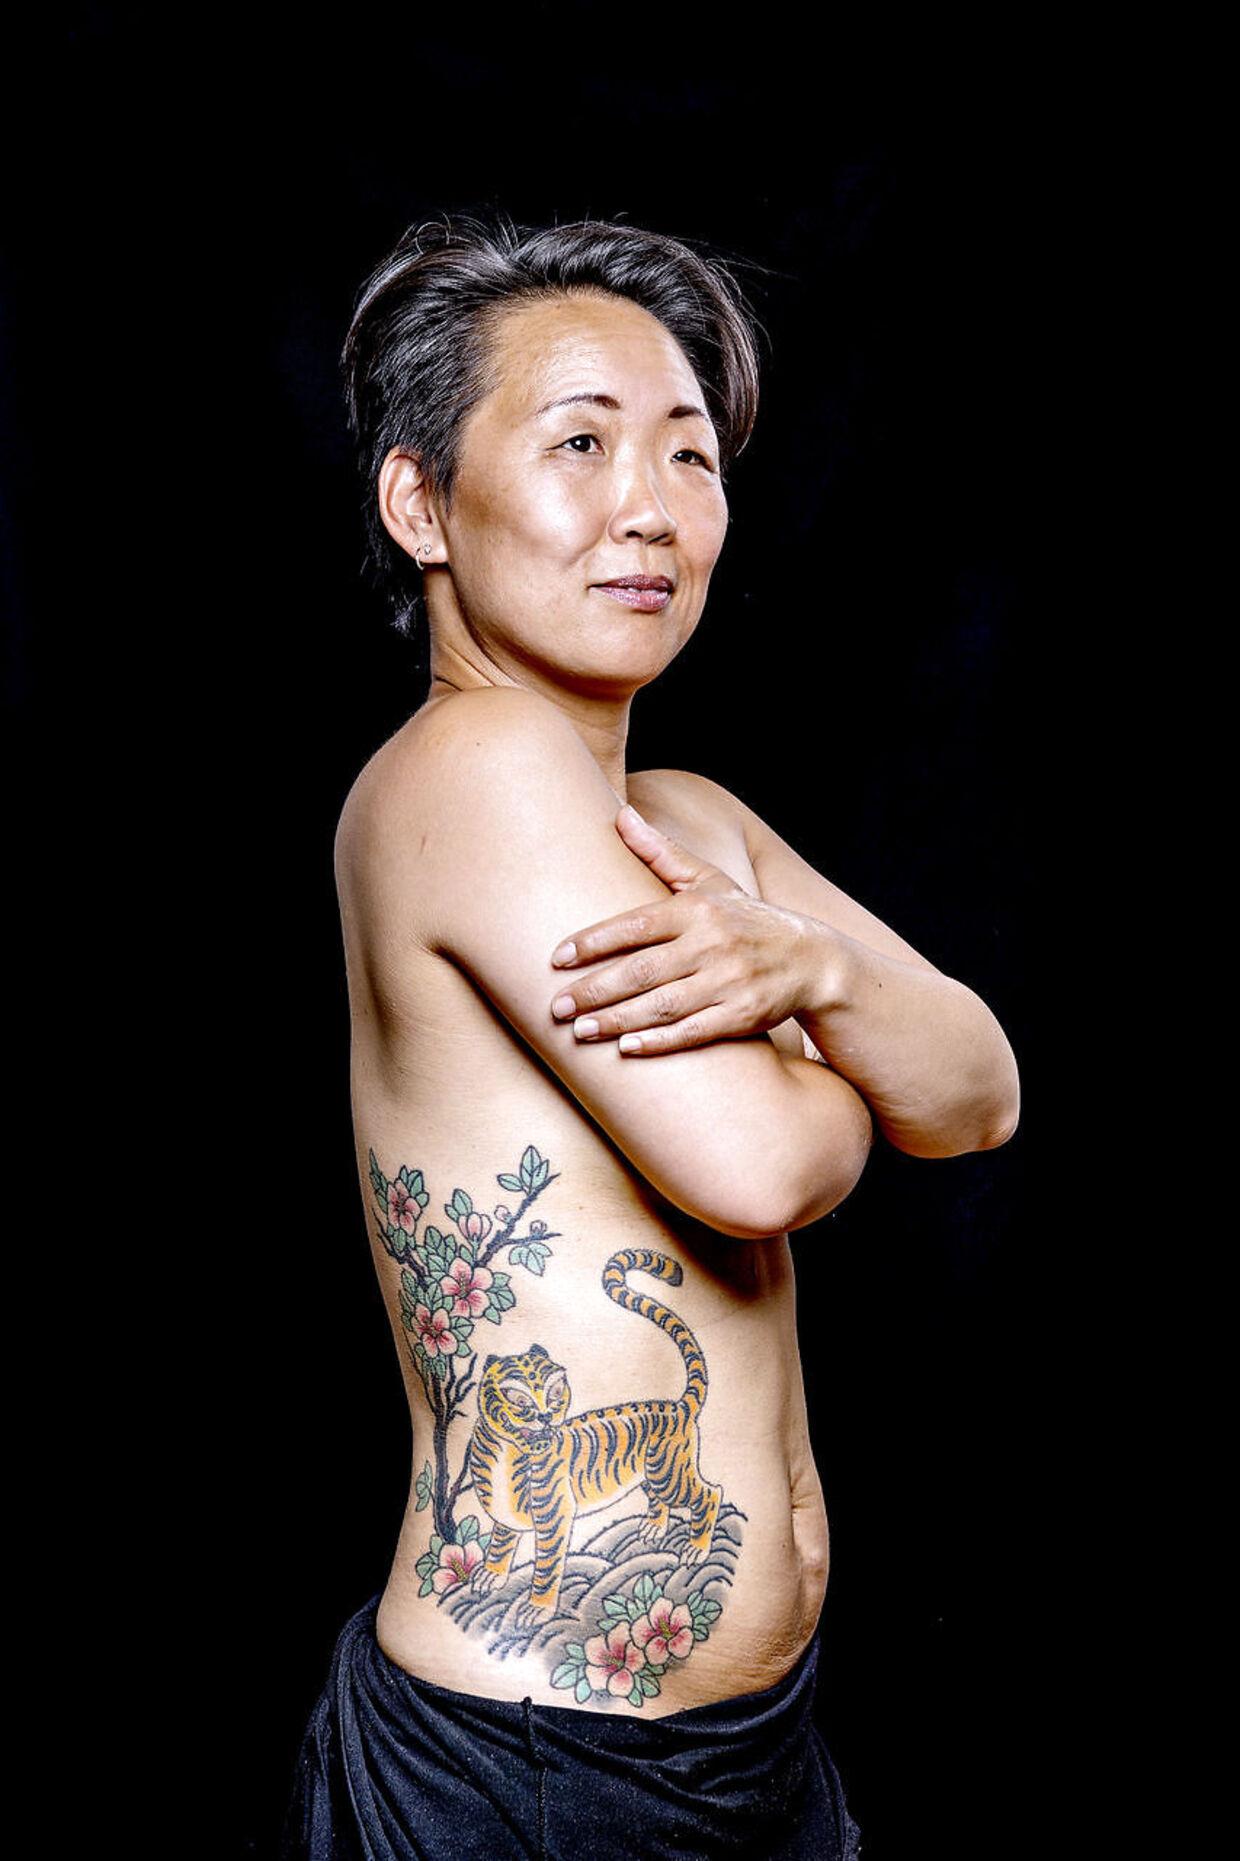 50-årige Yong Sun Gullachs ene tatovering er af en tiger. Stilen er koreansk folklore, og motivet har hun valgt som en hyldest til sønnen, der ifølge det kinesiske horoskop er født i tigerens år.